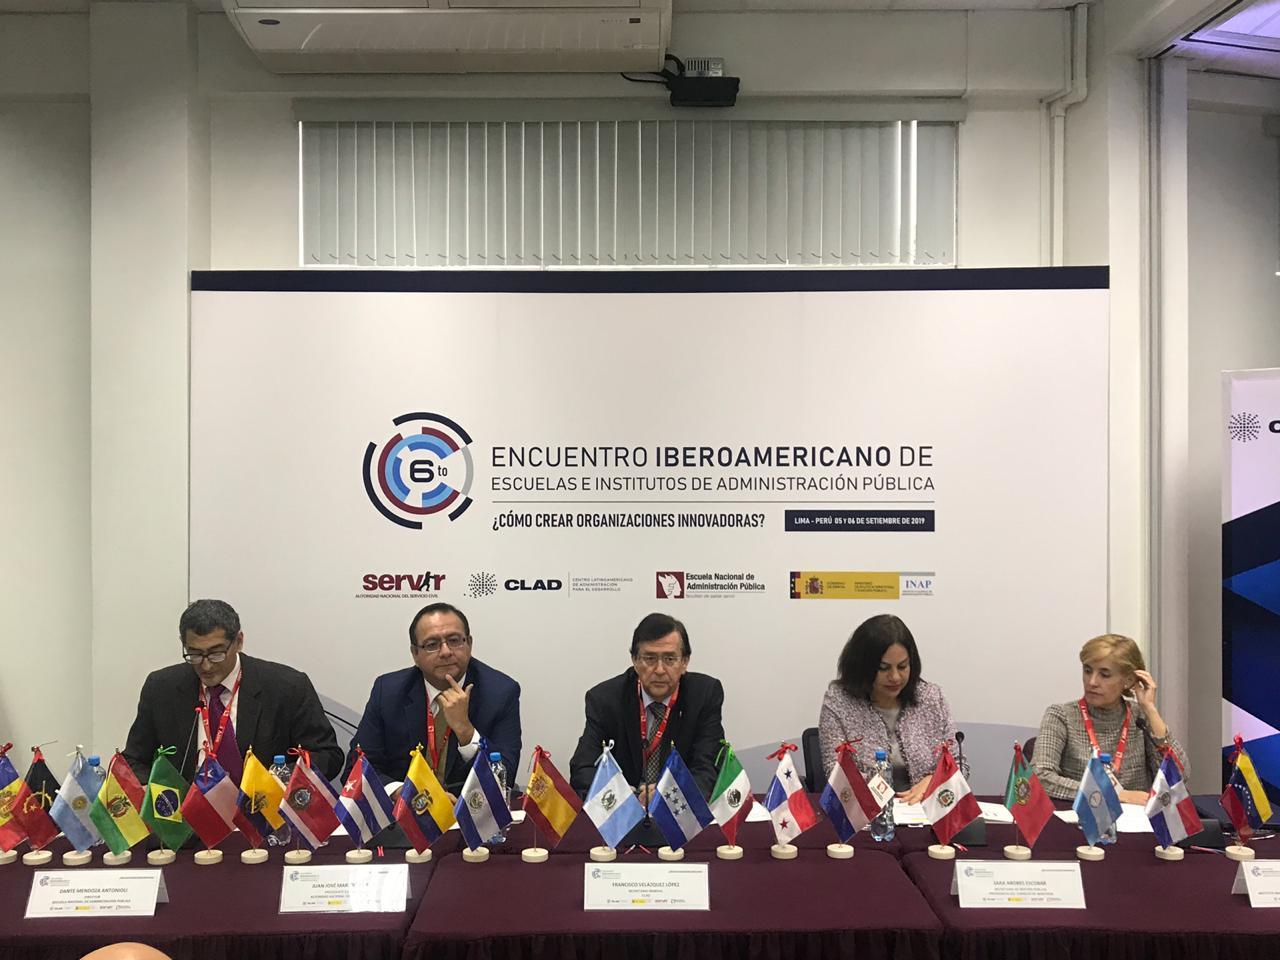 ICAP participa VI Encuentro Iberoamericana de Escuelas e Institutos de Administración Pública en Perú